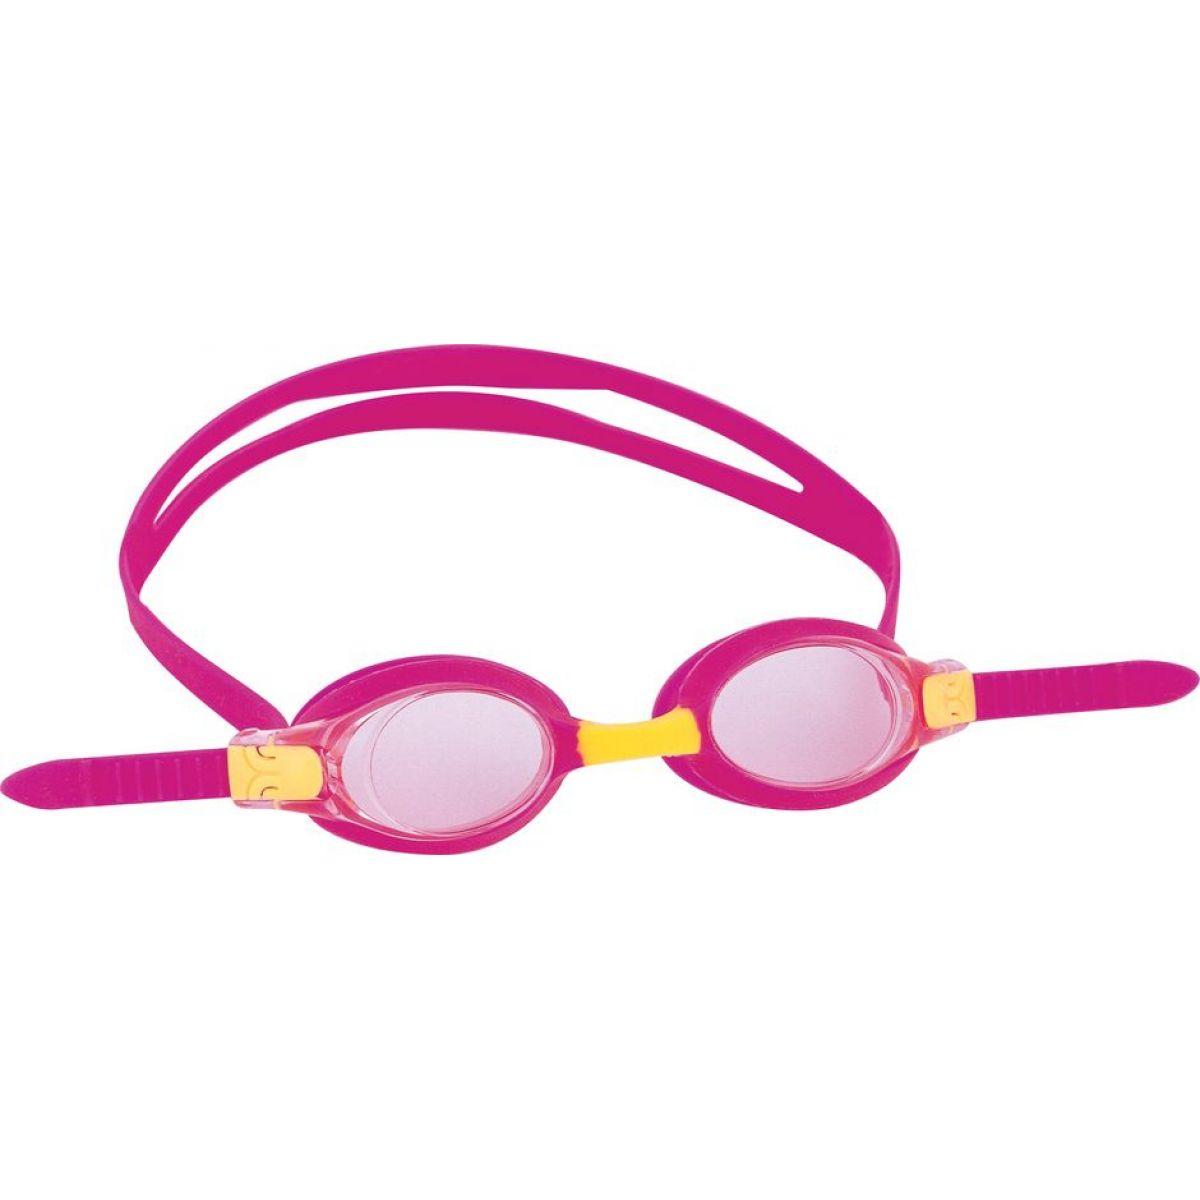 Bestway 21034 Plavecké brýle od 3-6 let - Růžová